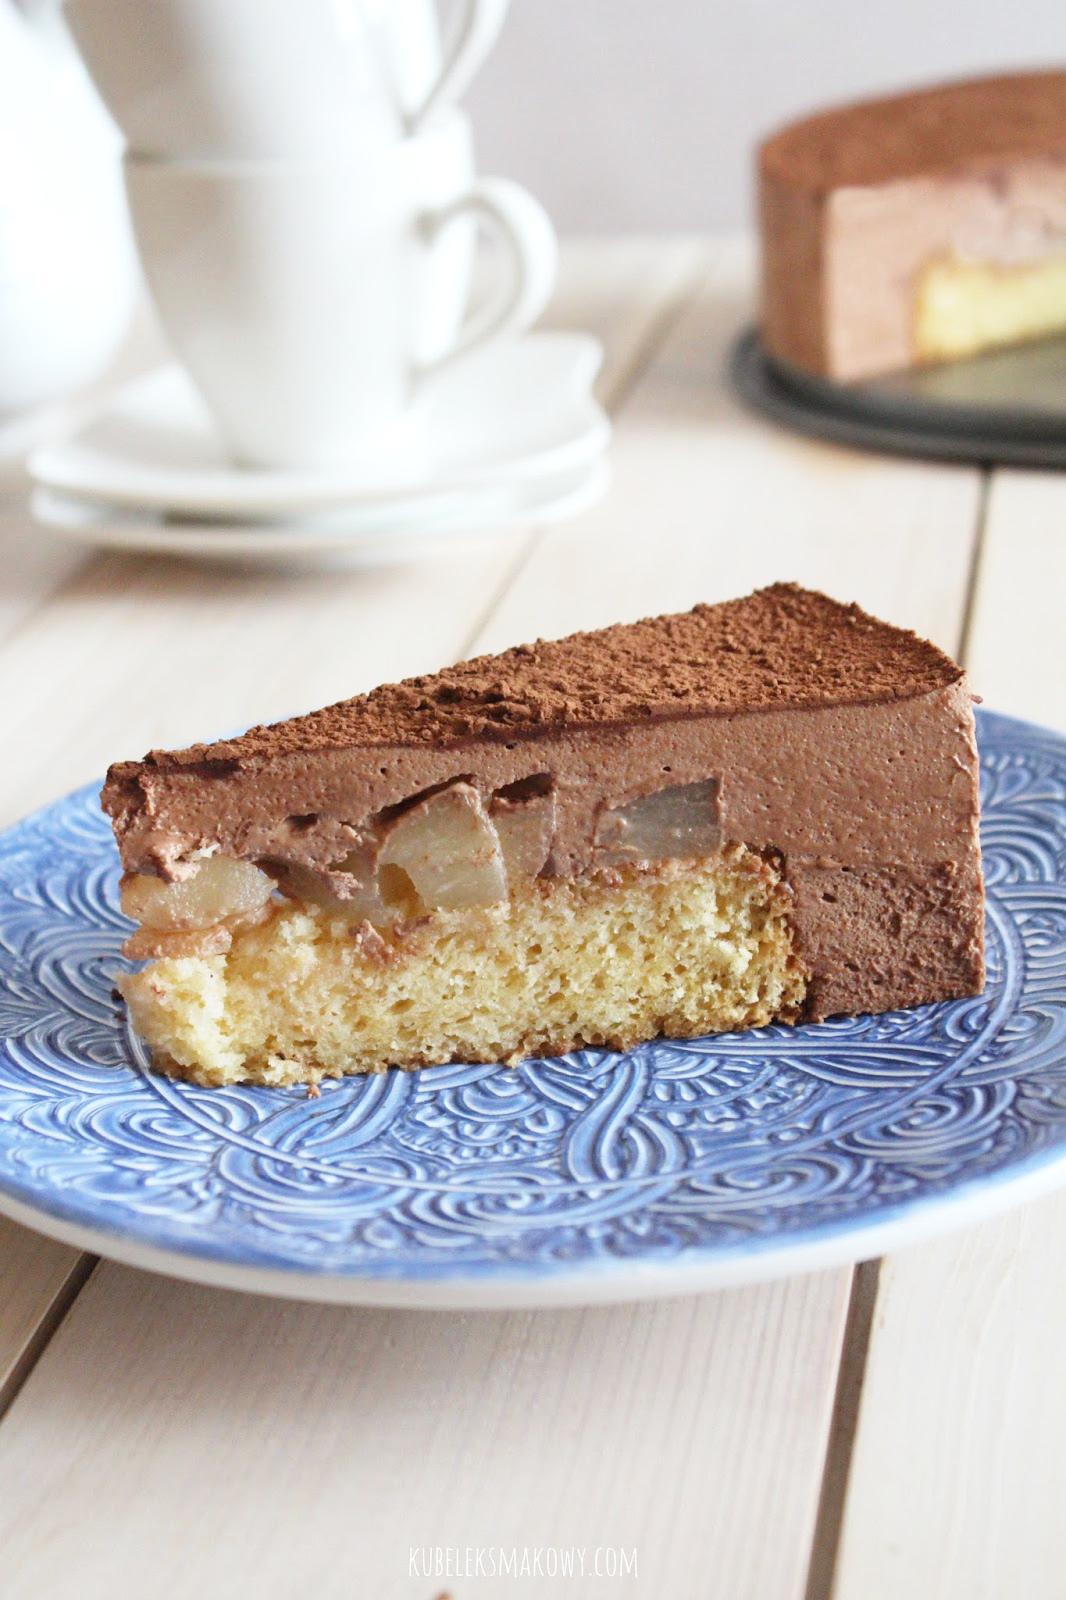 musowe ciasto czekoladowe bez surowych jajek - przepis